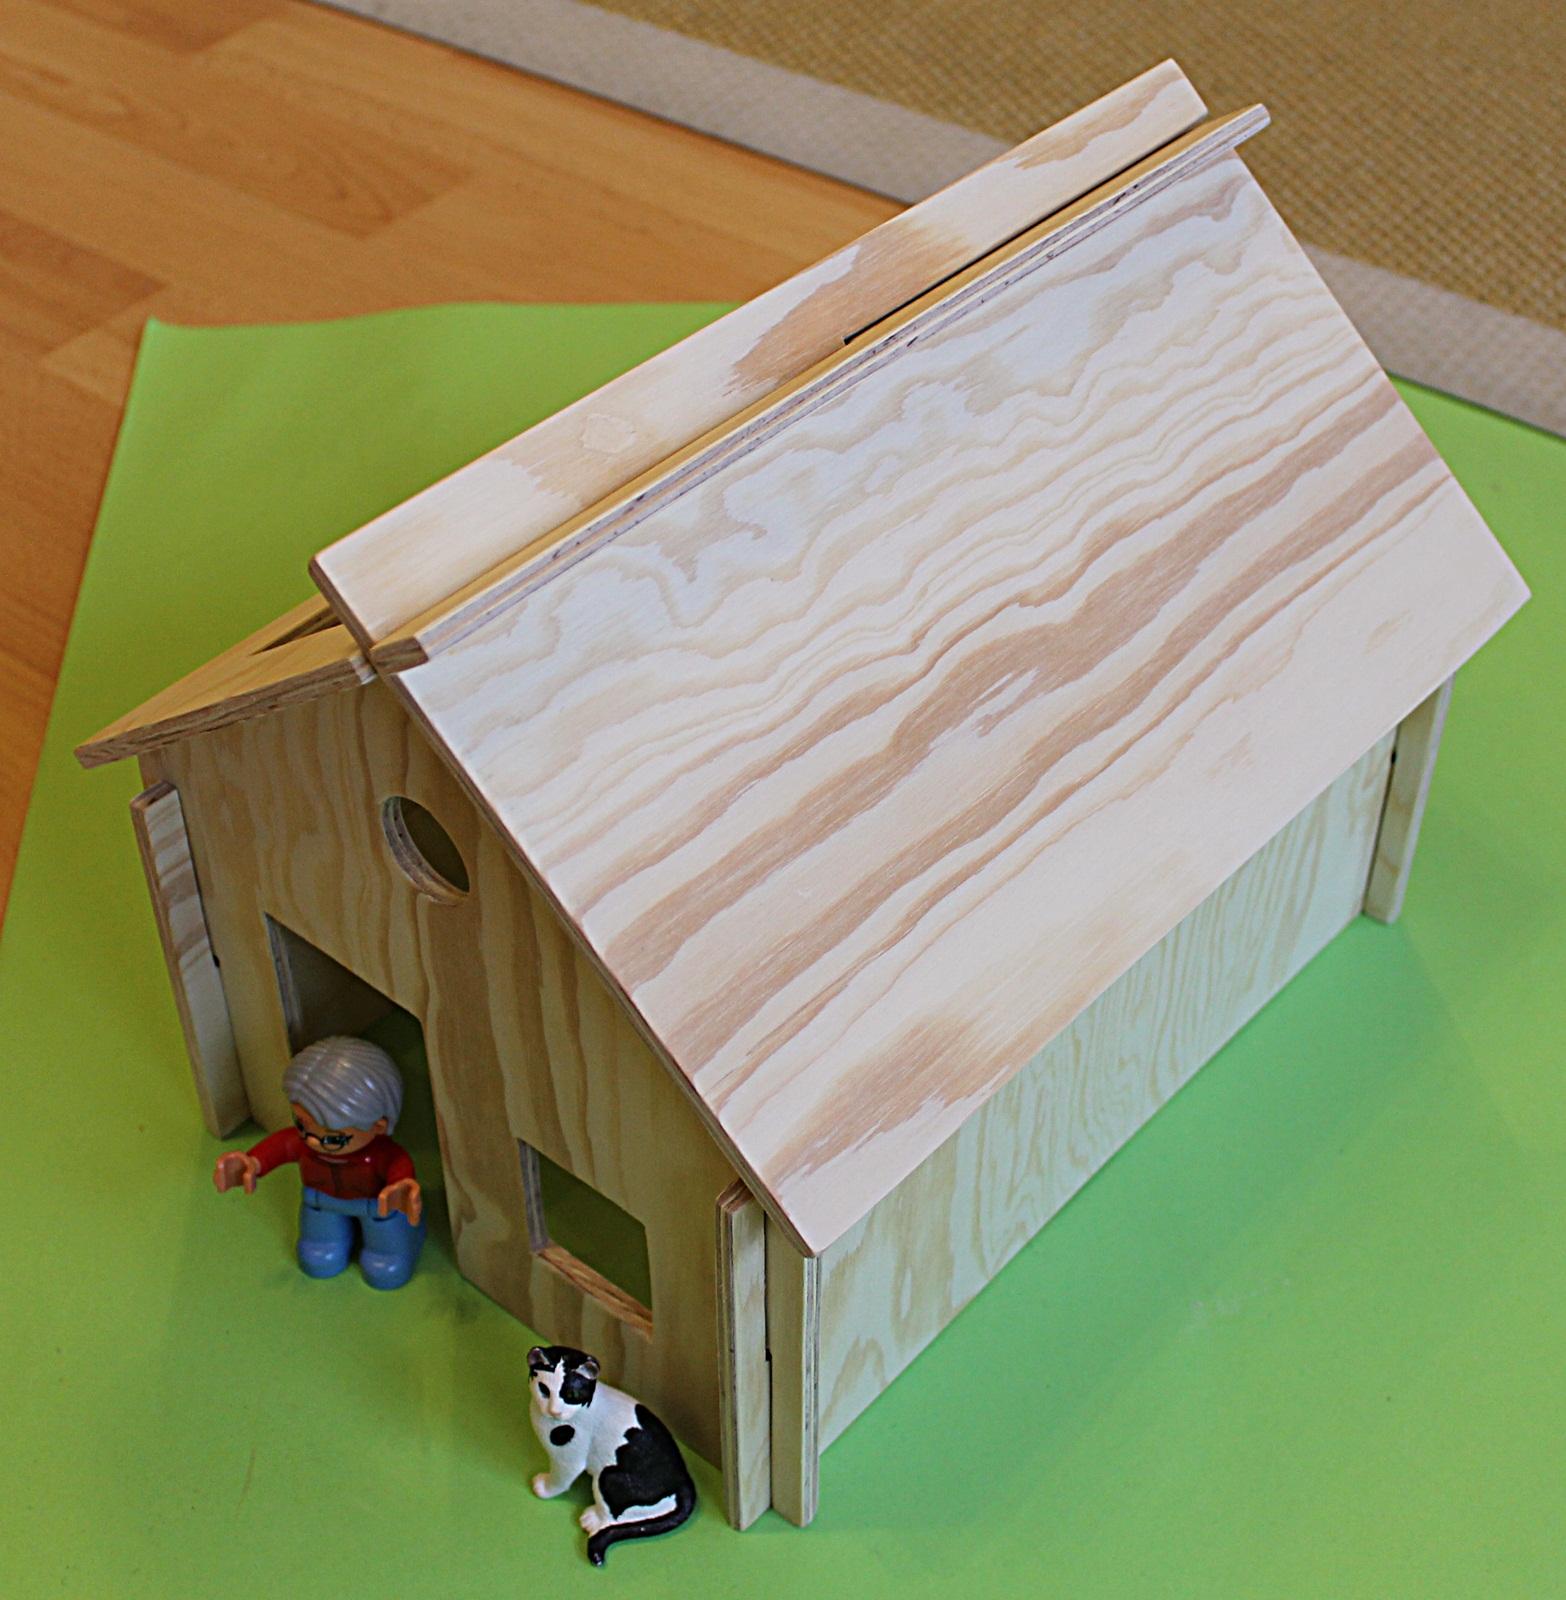 Sachen Selber Bauen Aus Holz Sachen Selber Bauen Aus Holz With